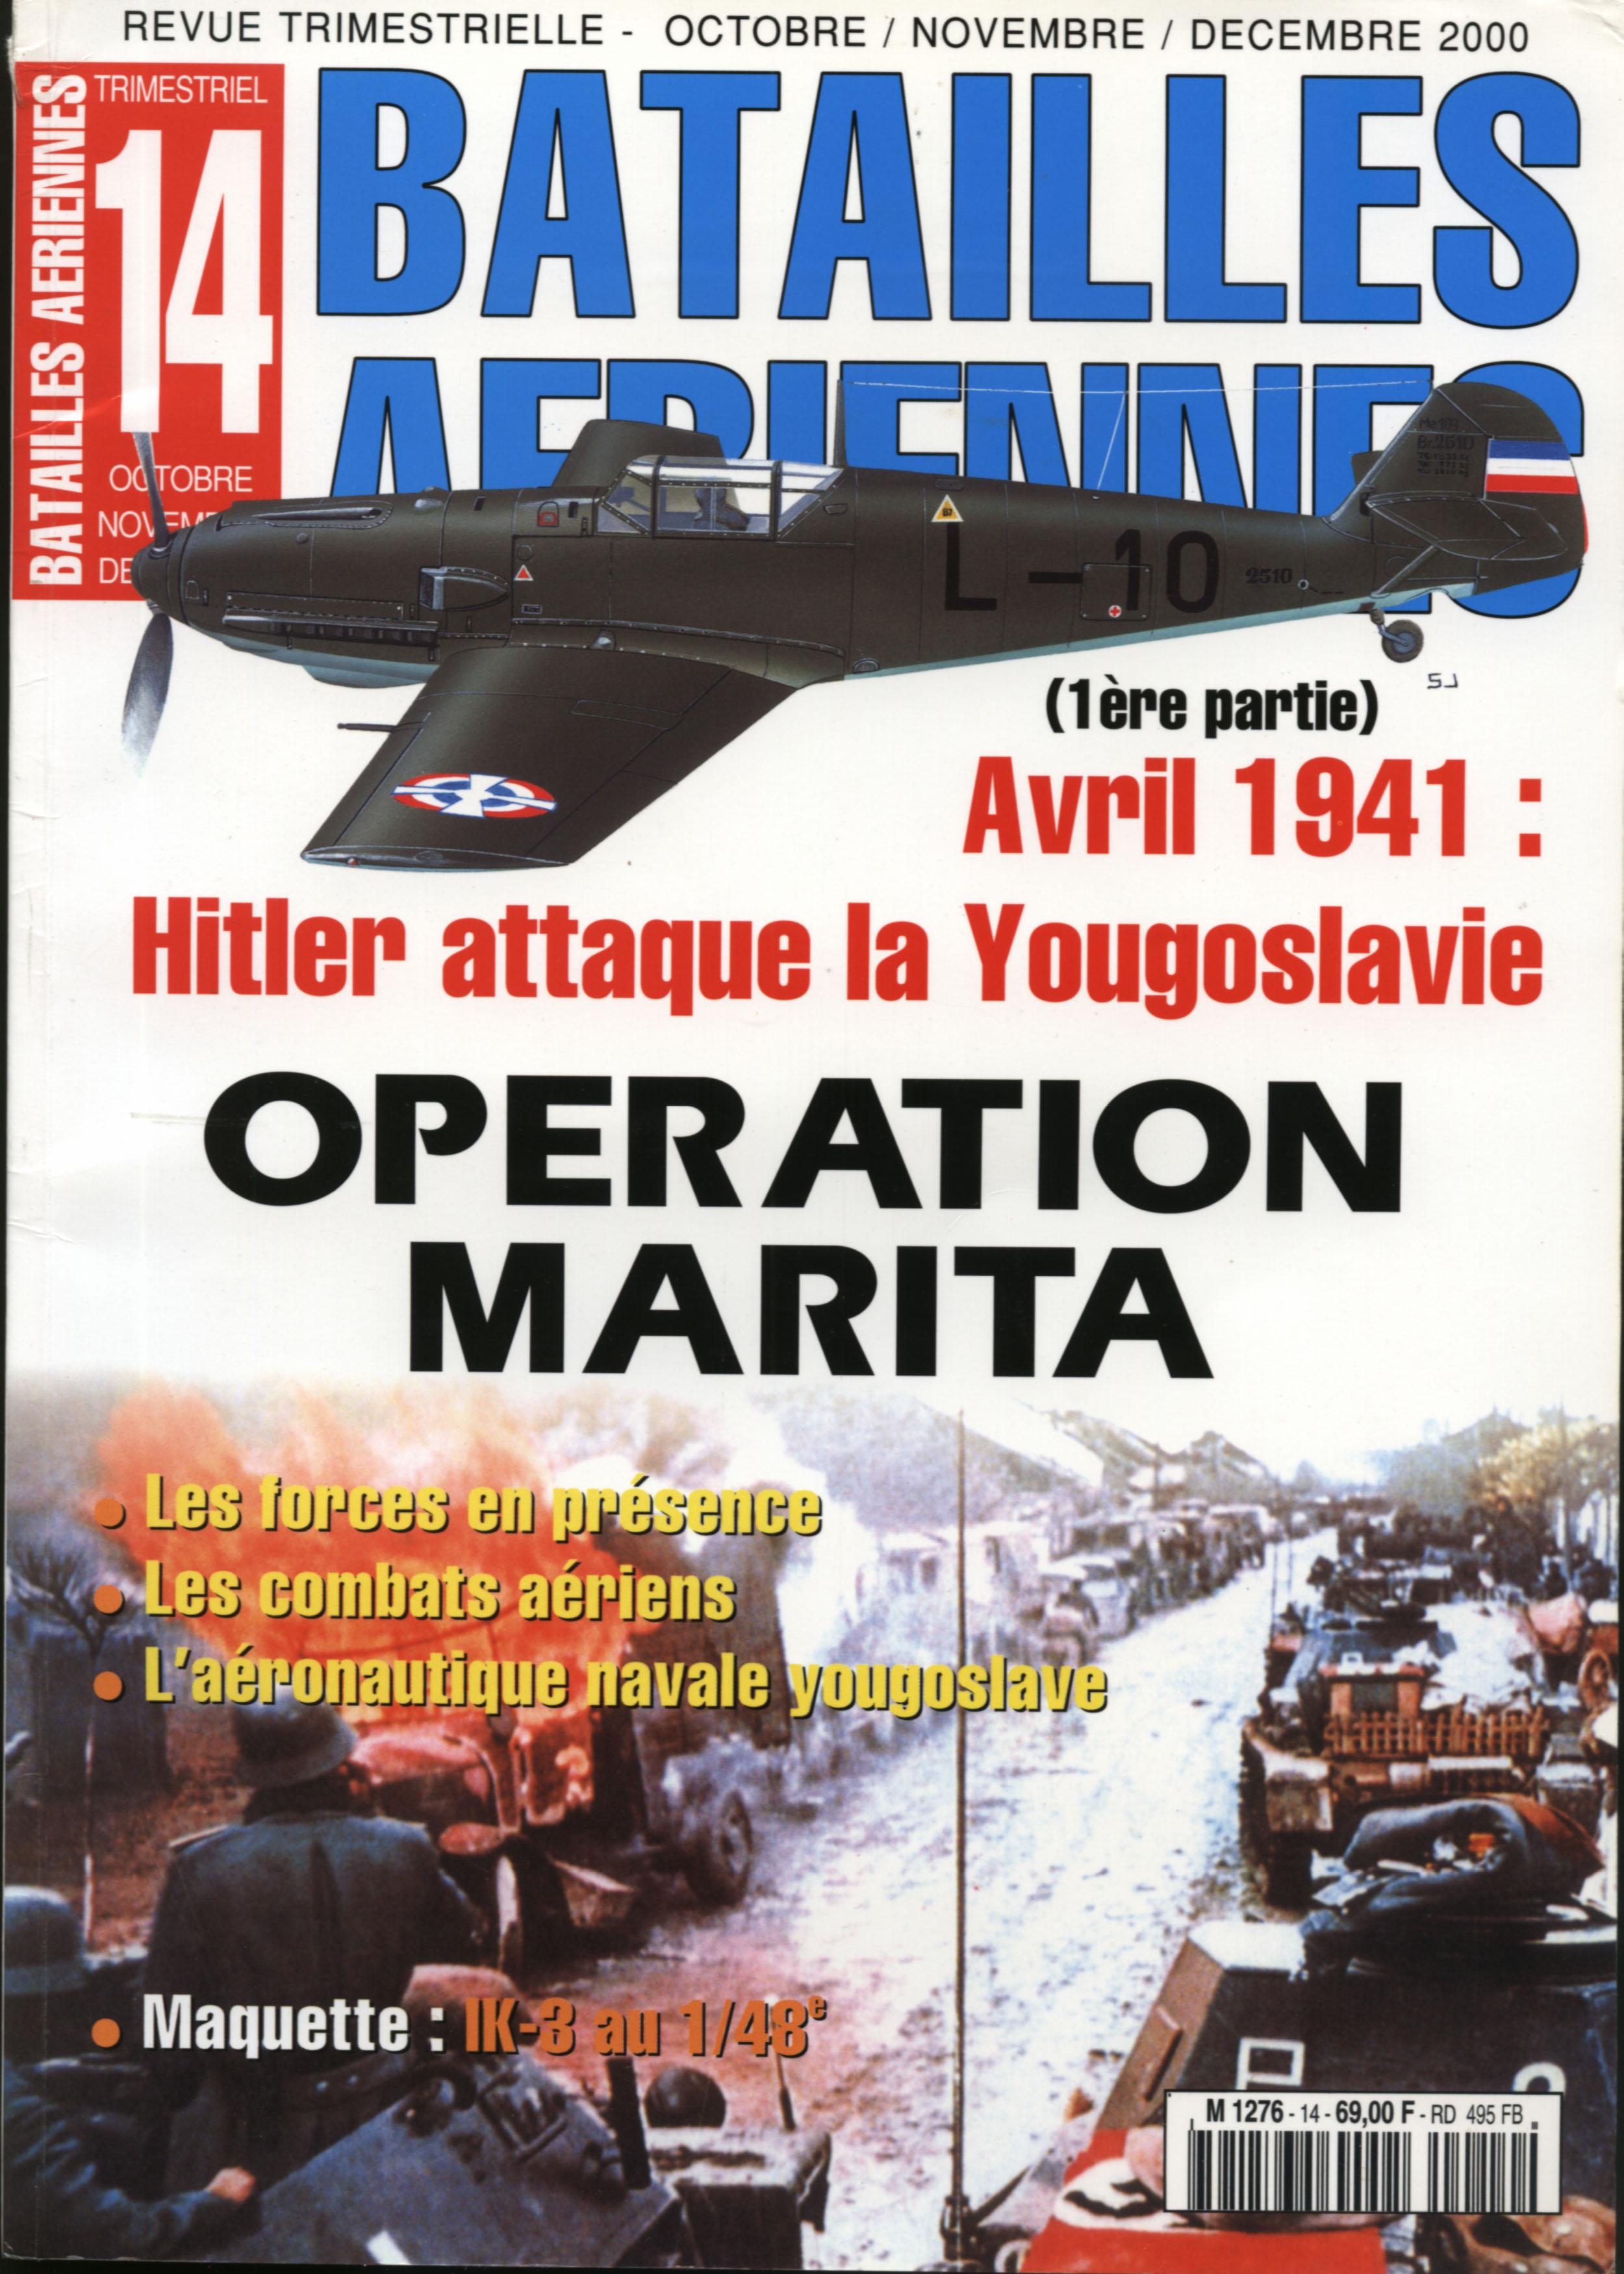 Batailles Aeriennes 14 - Operation Marita [2000]